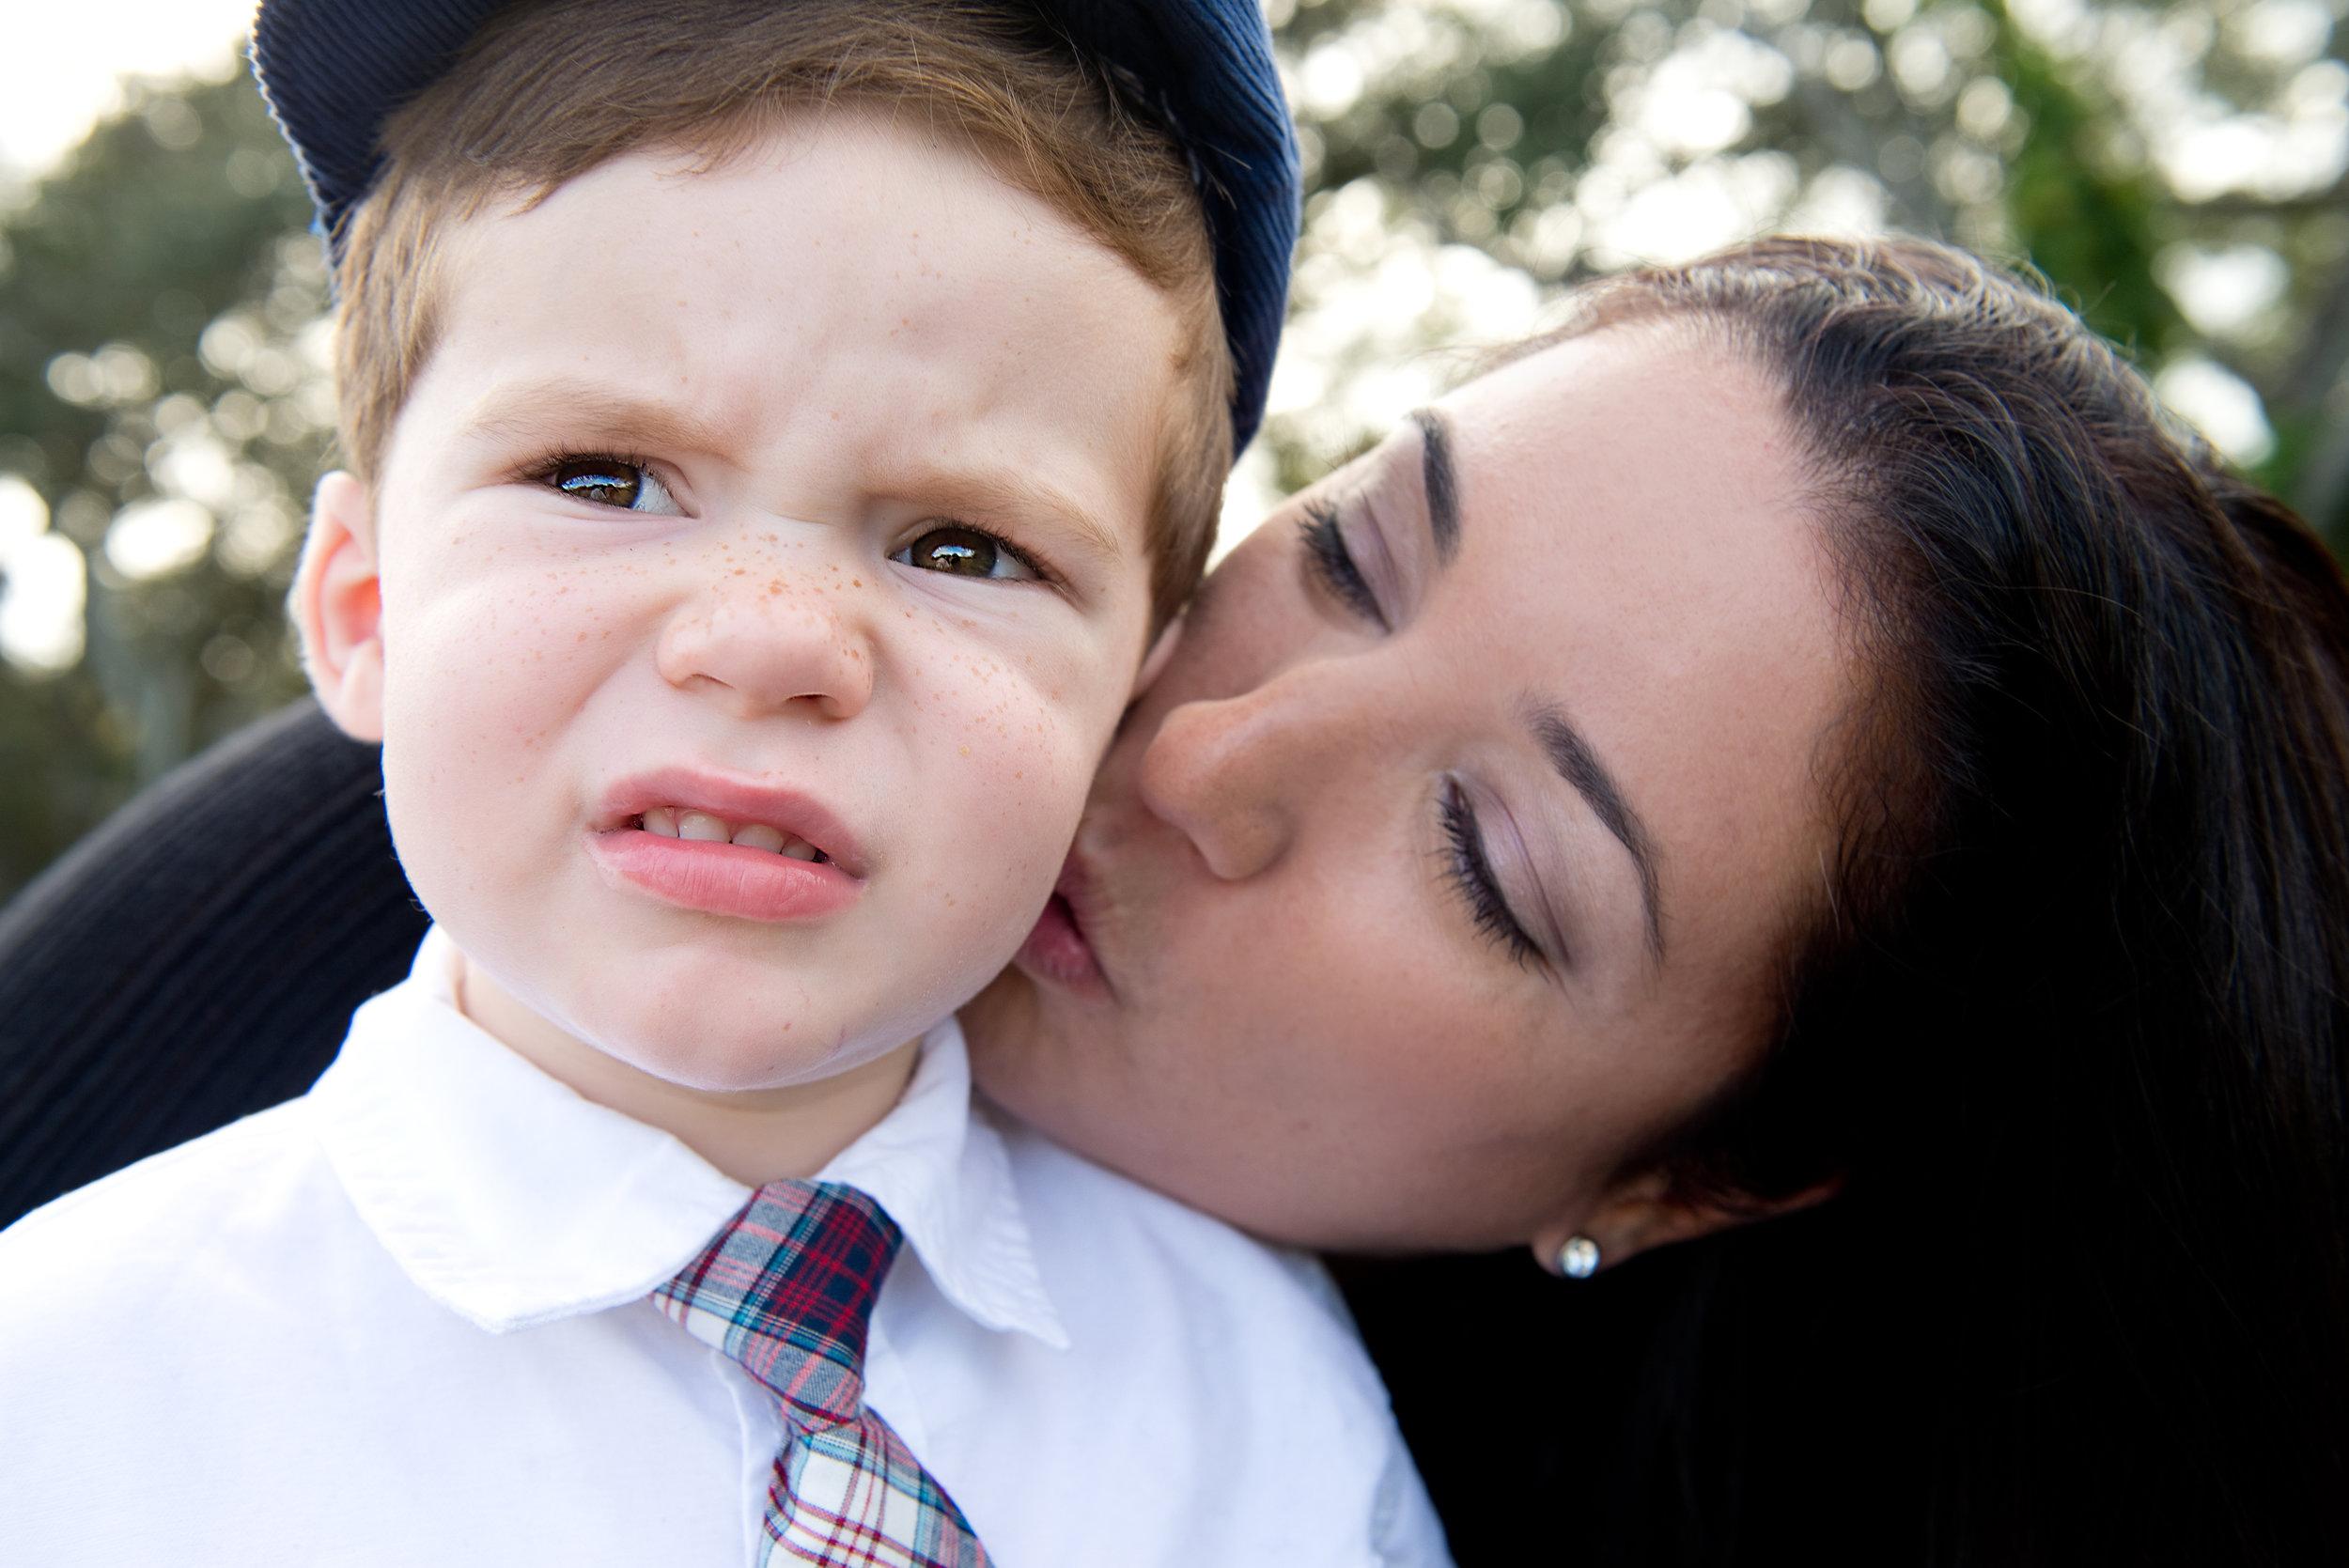 Mom Kisses Son - Davie Family Photographer